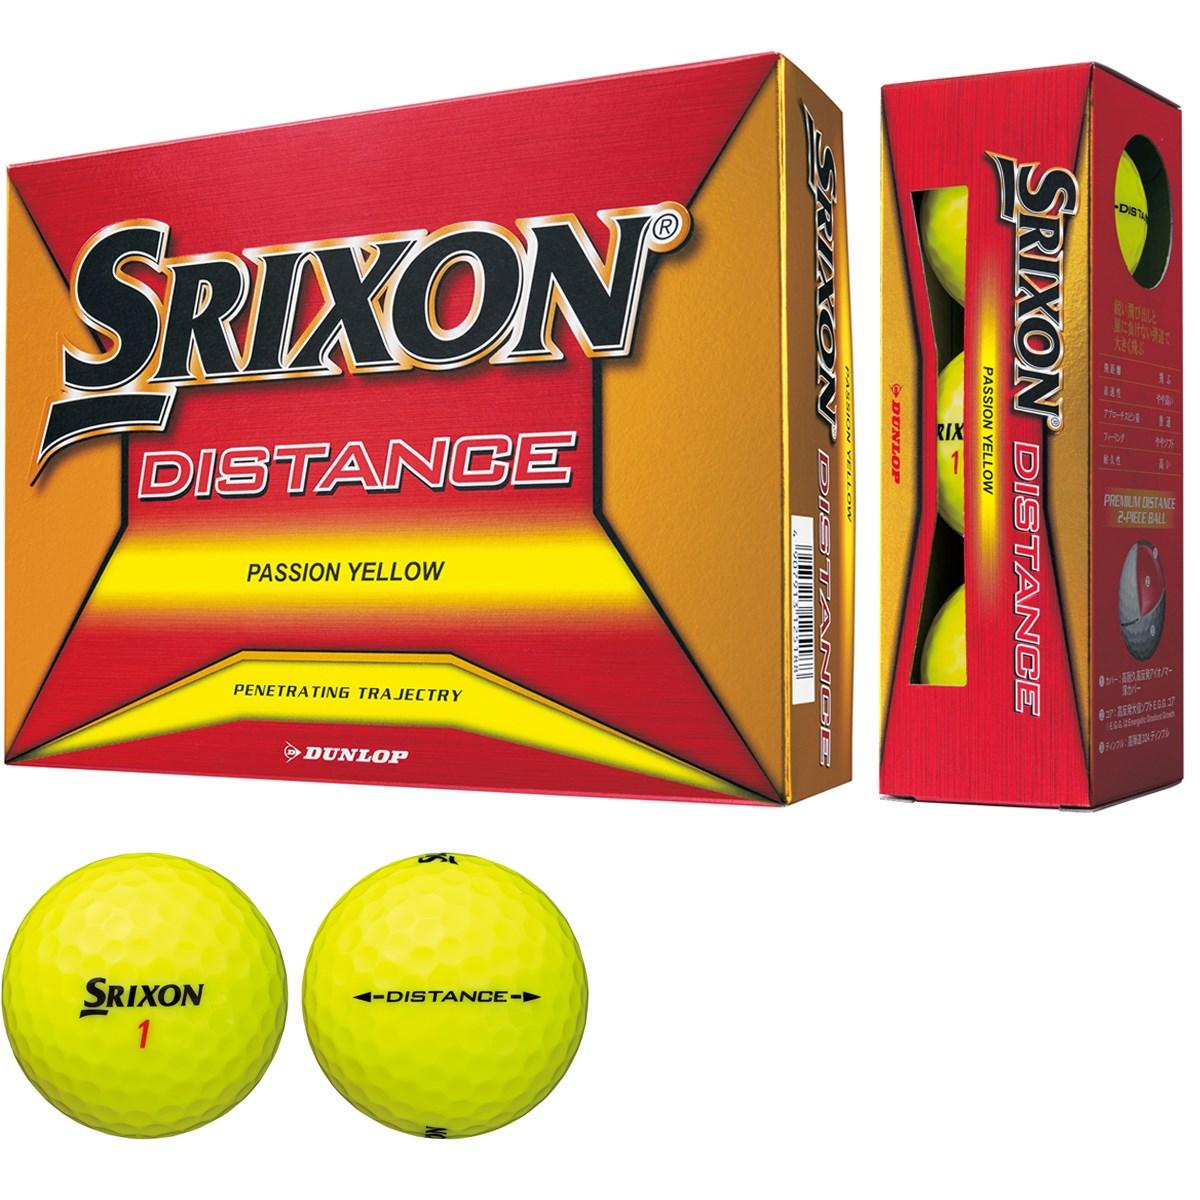 ダンロップ SRIXON スリクソン DISTANCE8 ボール 1ダース(12個入り) パッションイエロー